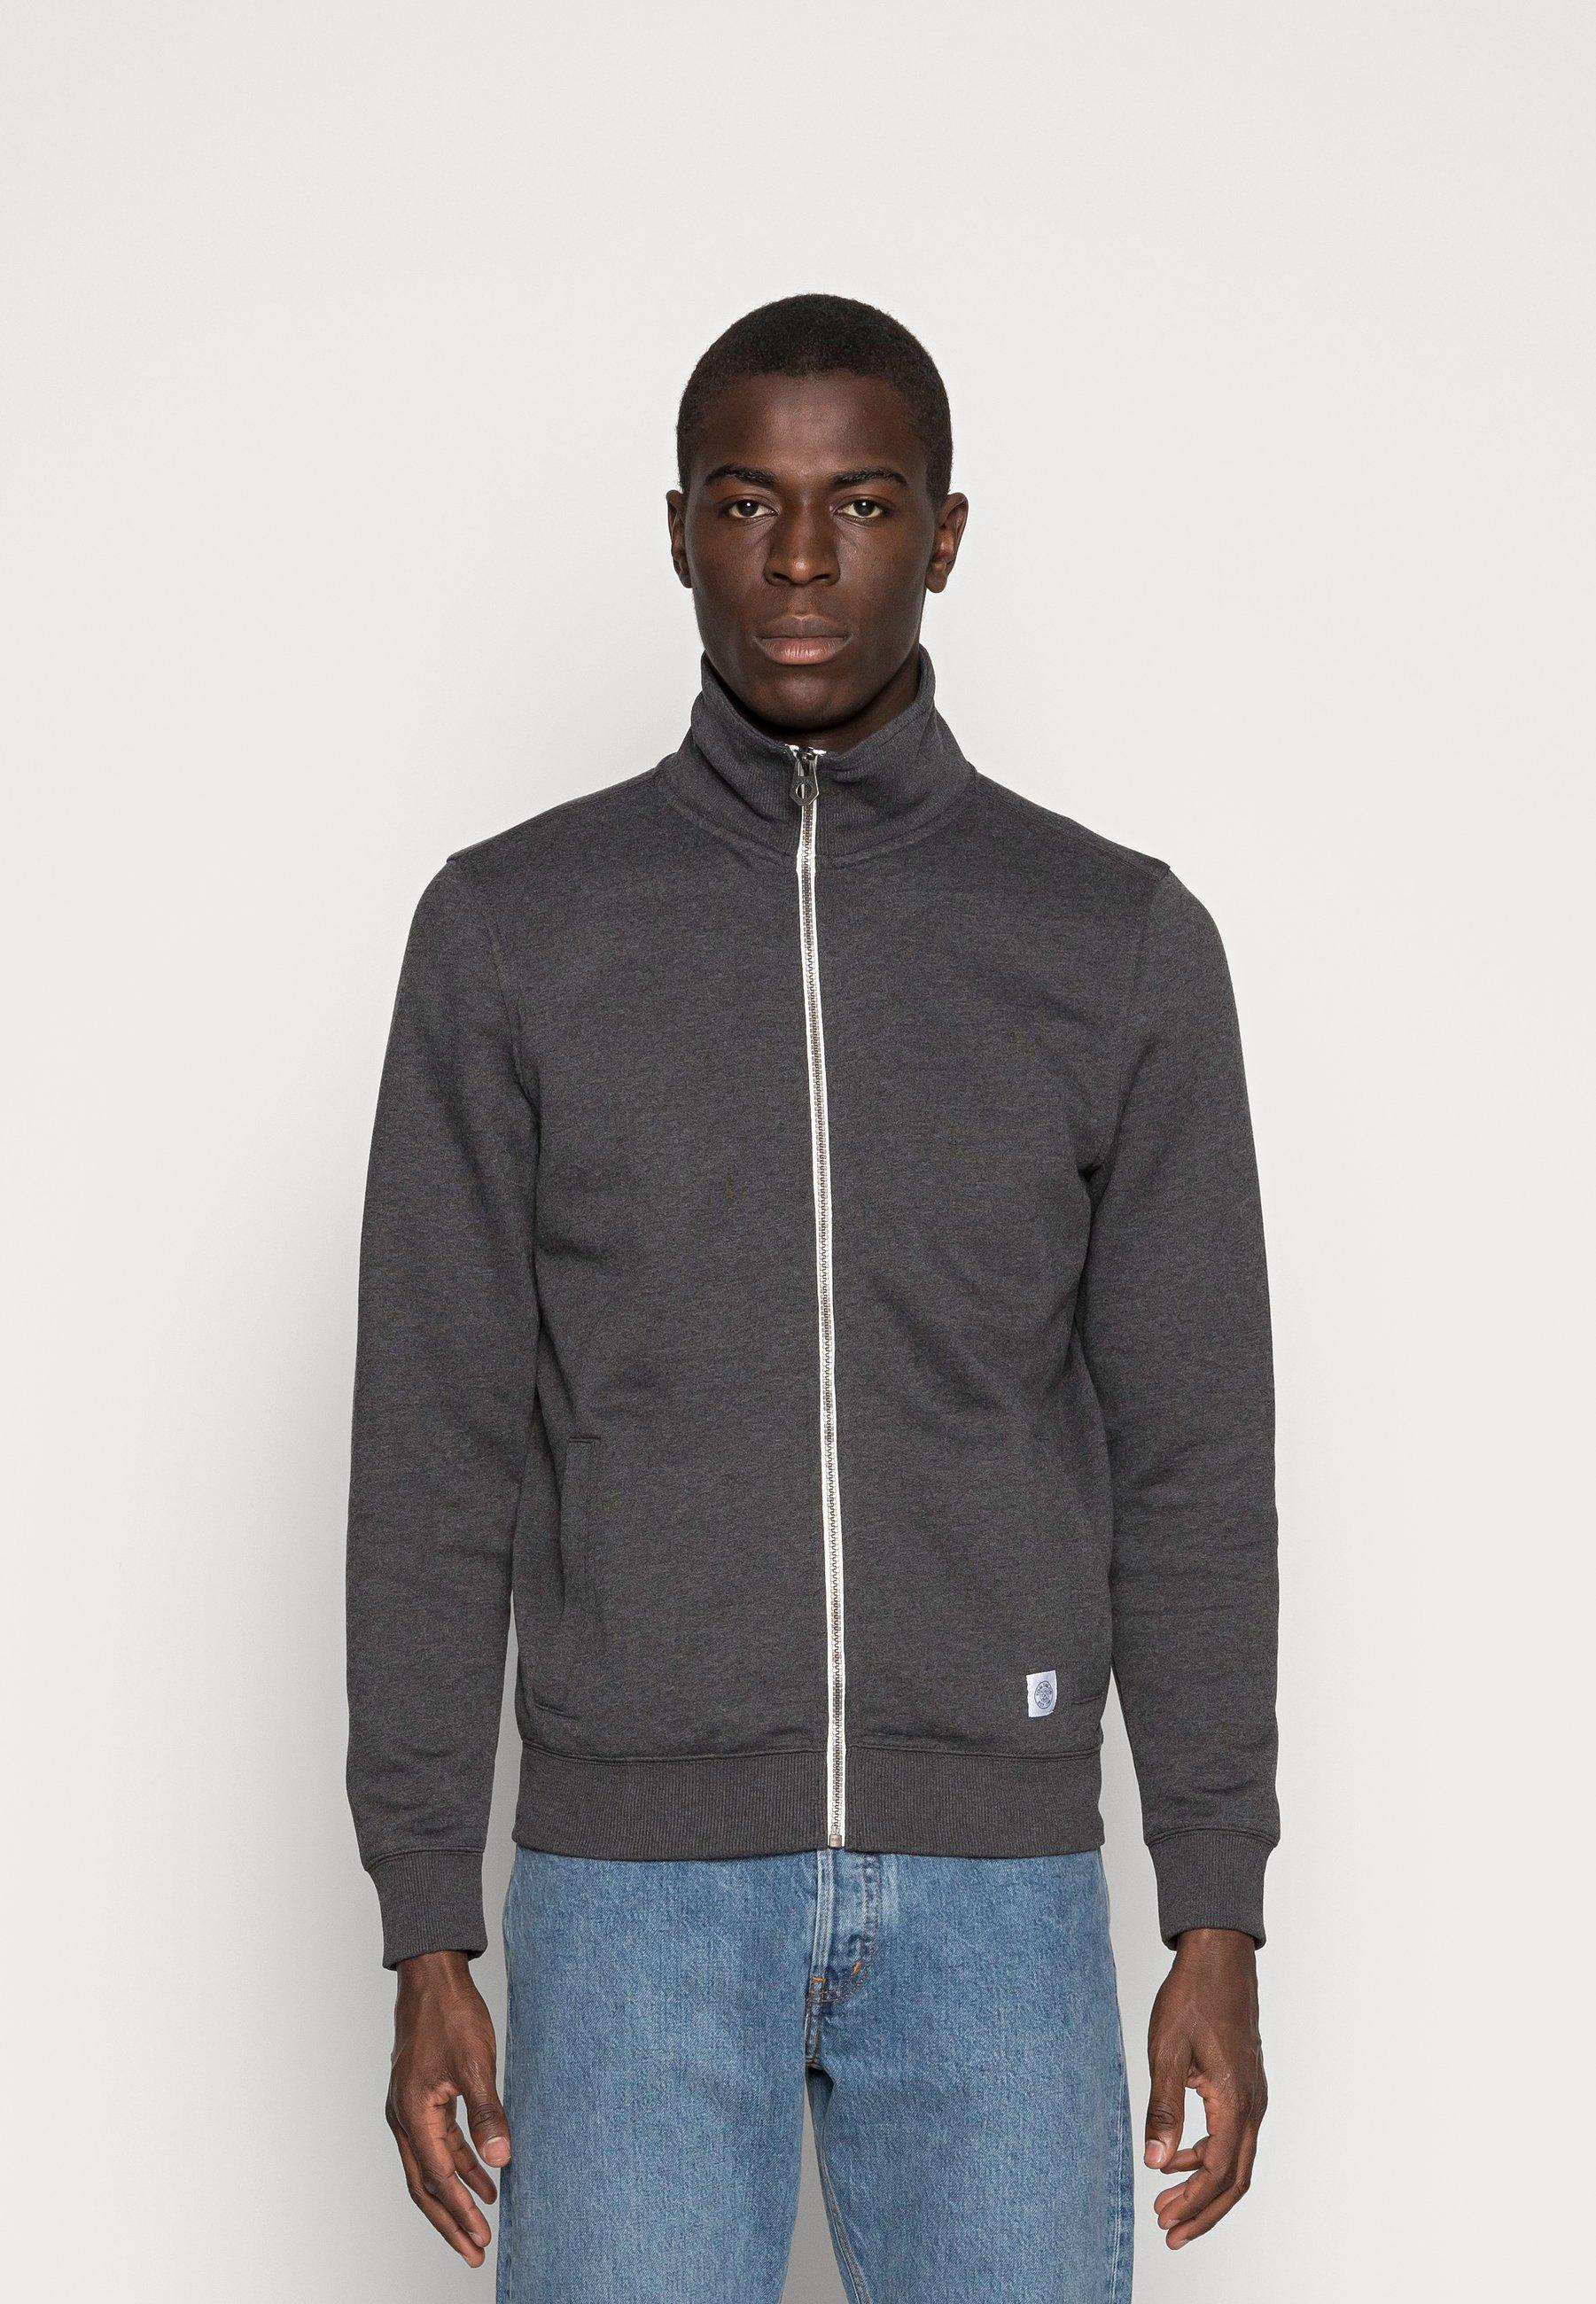 Men Zip-up sweatshirt - black grey melange